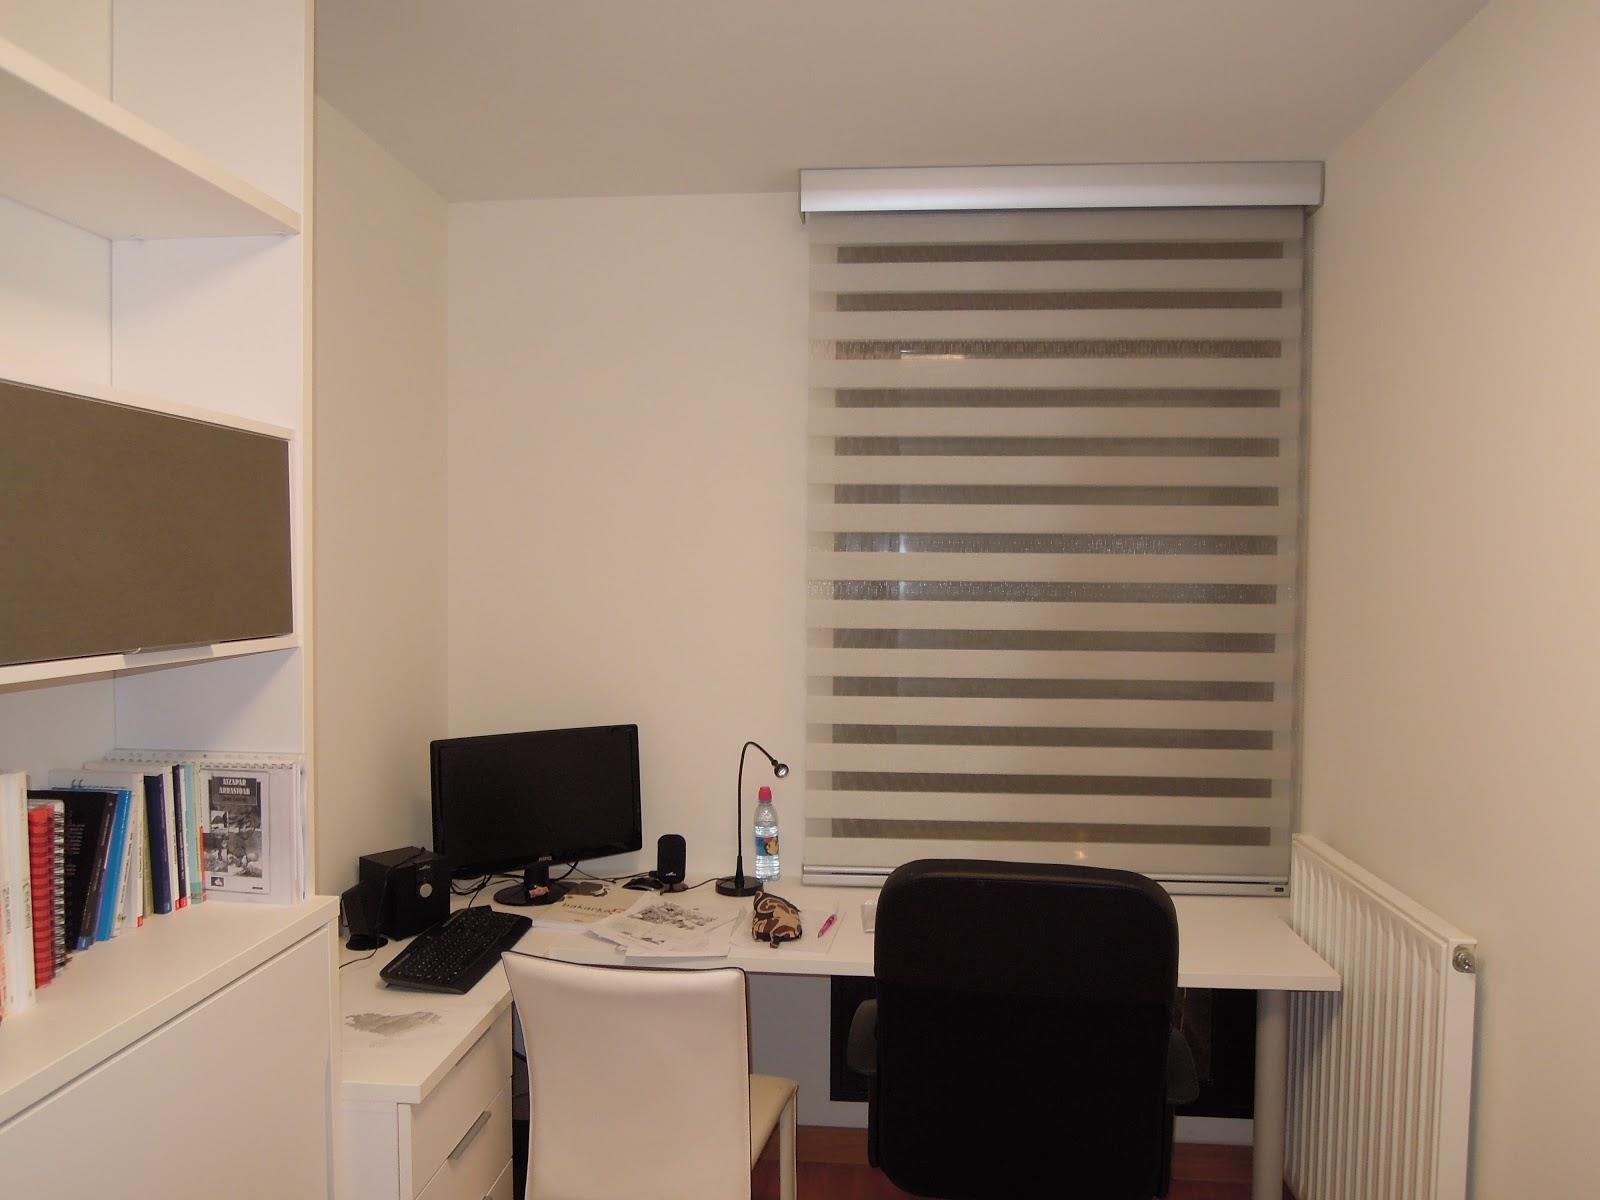 Fotos de cortinas dormitorio juvenil 2012 - Cortinas para habitacion juvenil ...